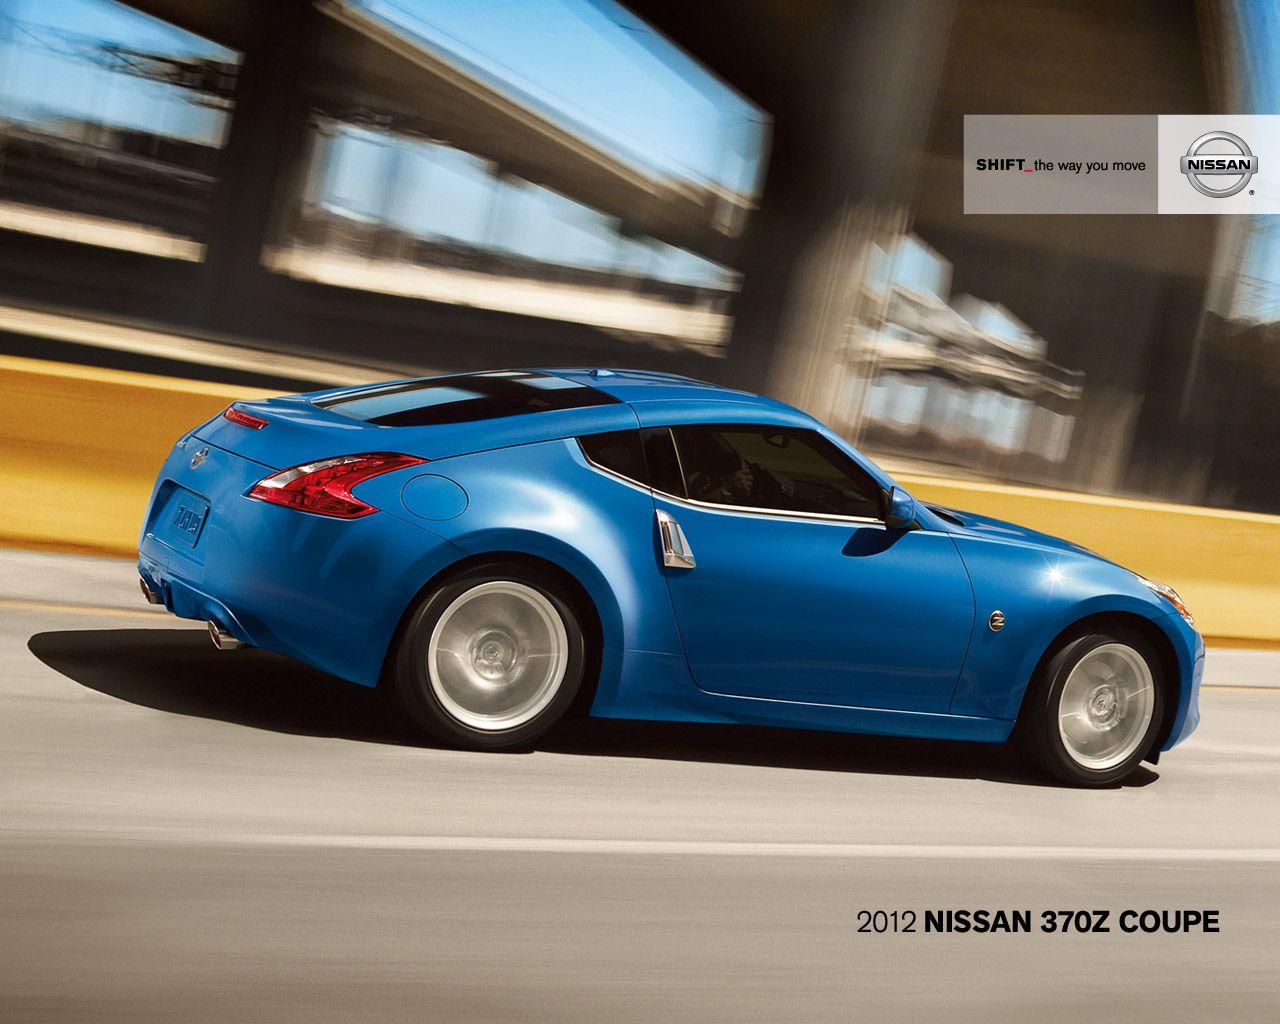 370z nissan 370z sportscar cars auto speed coupe